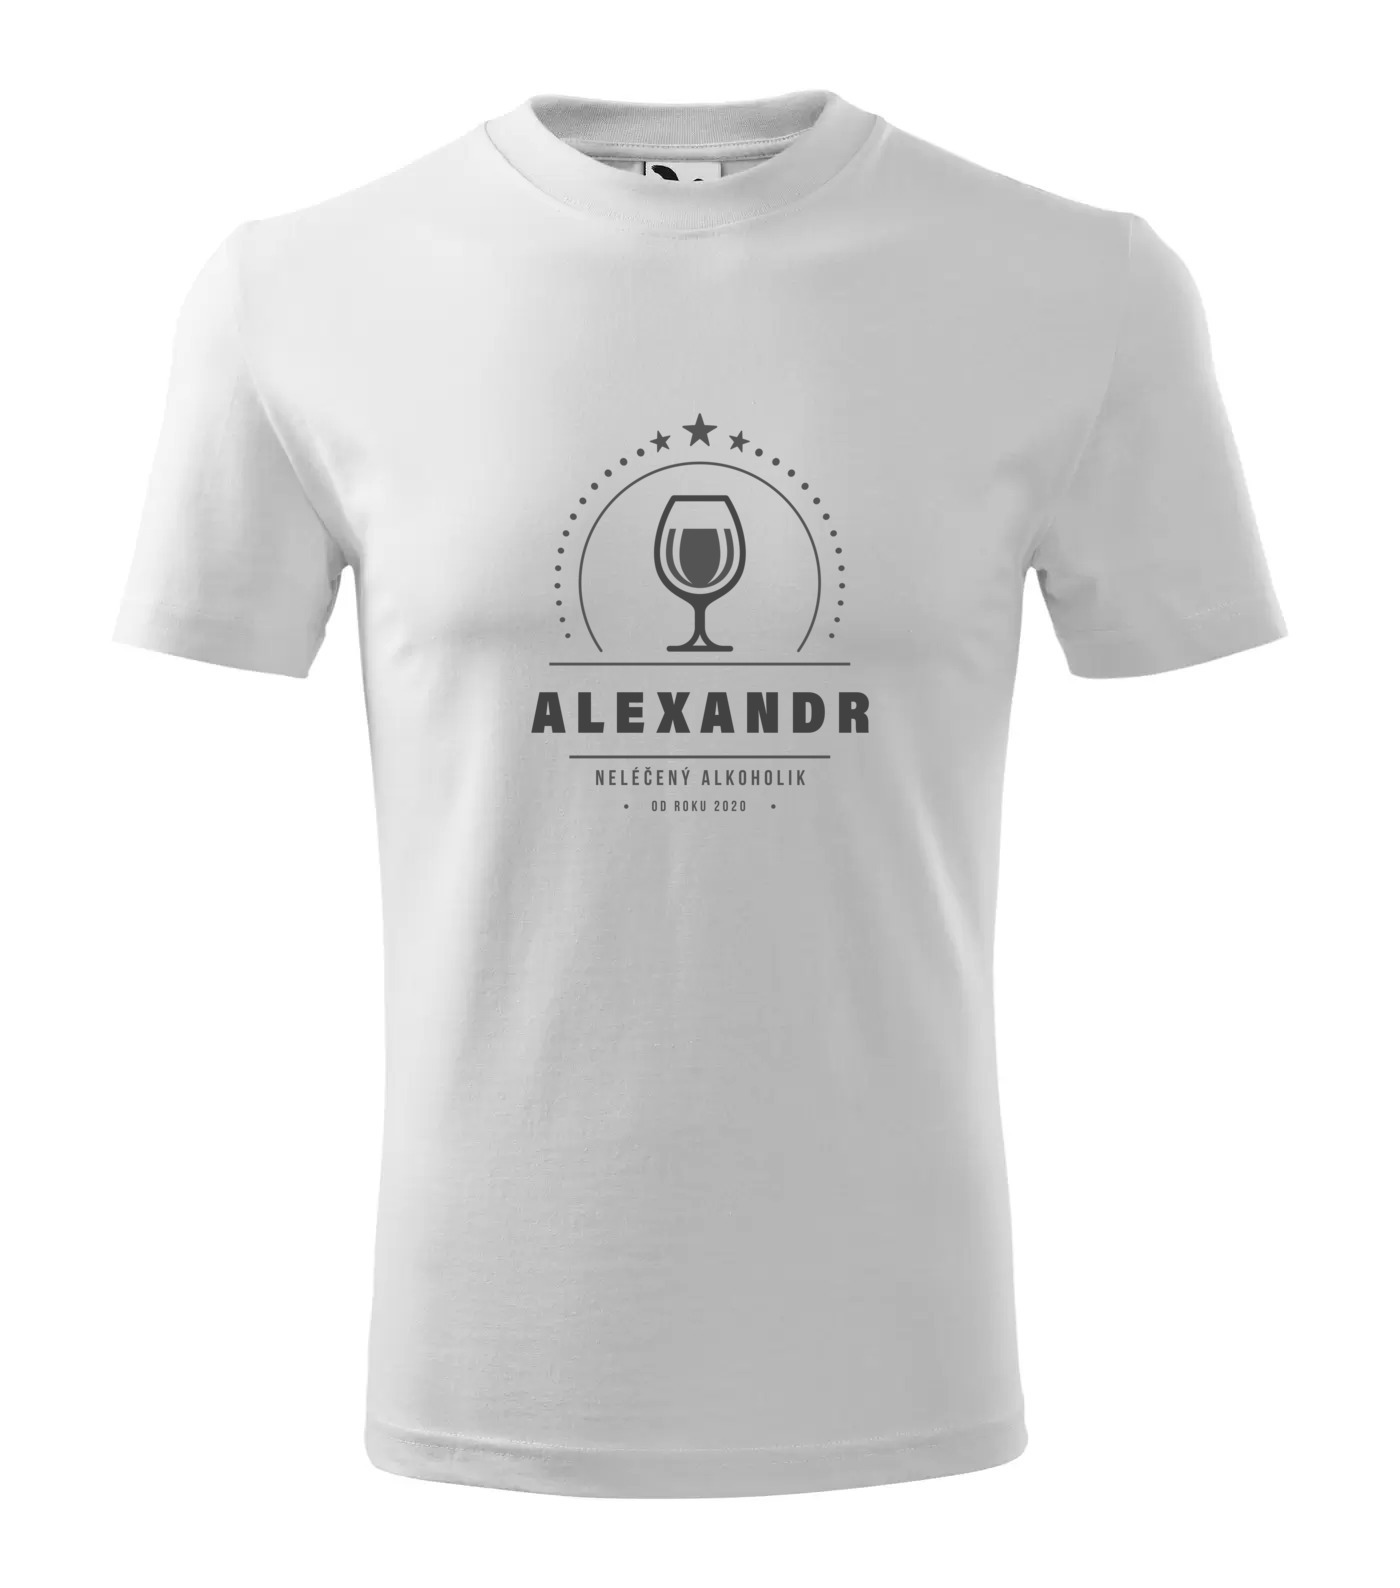 Tričko Alkoholik Alexandr